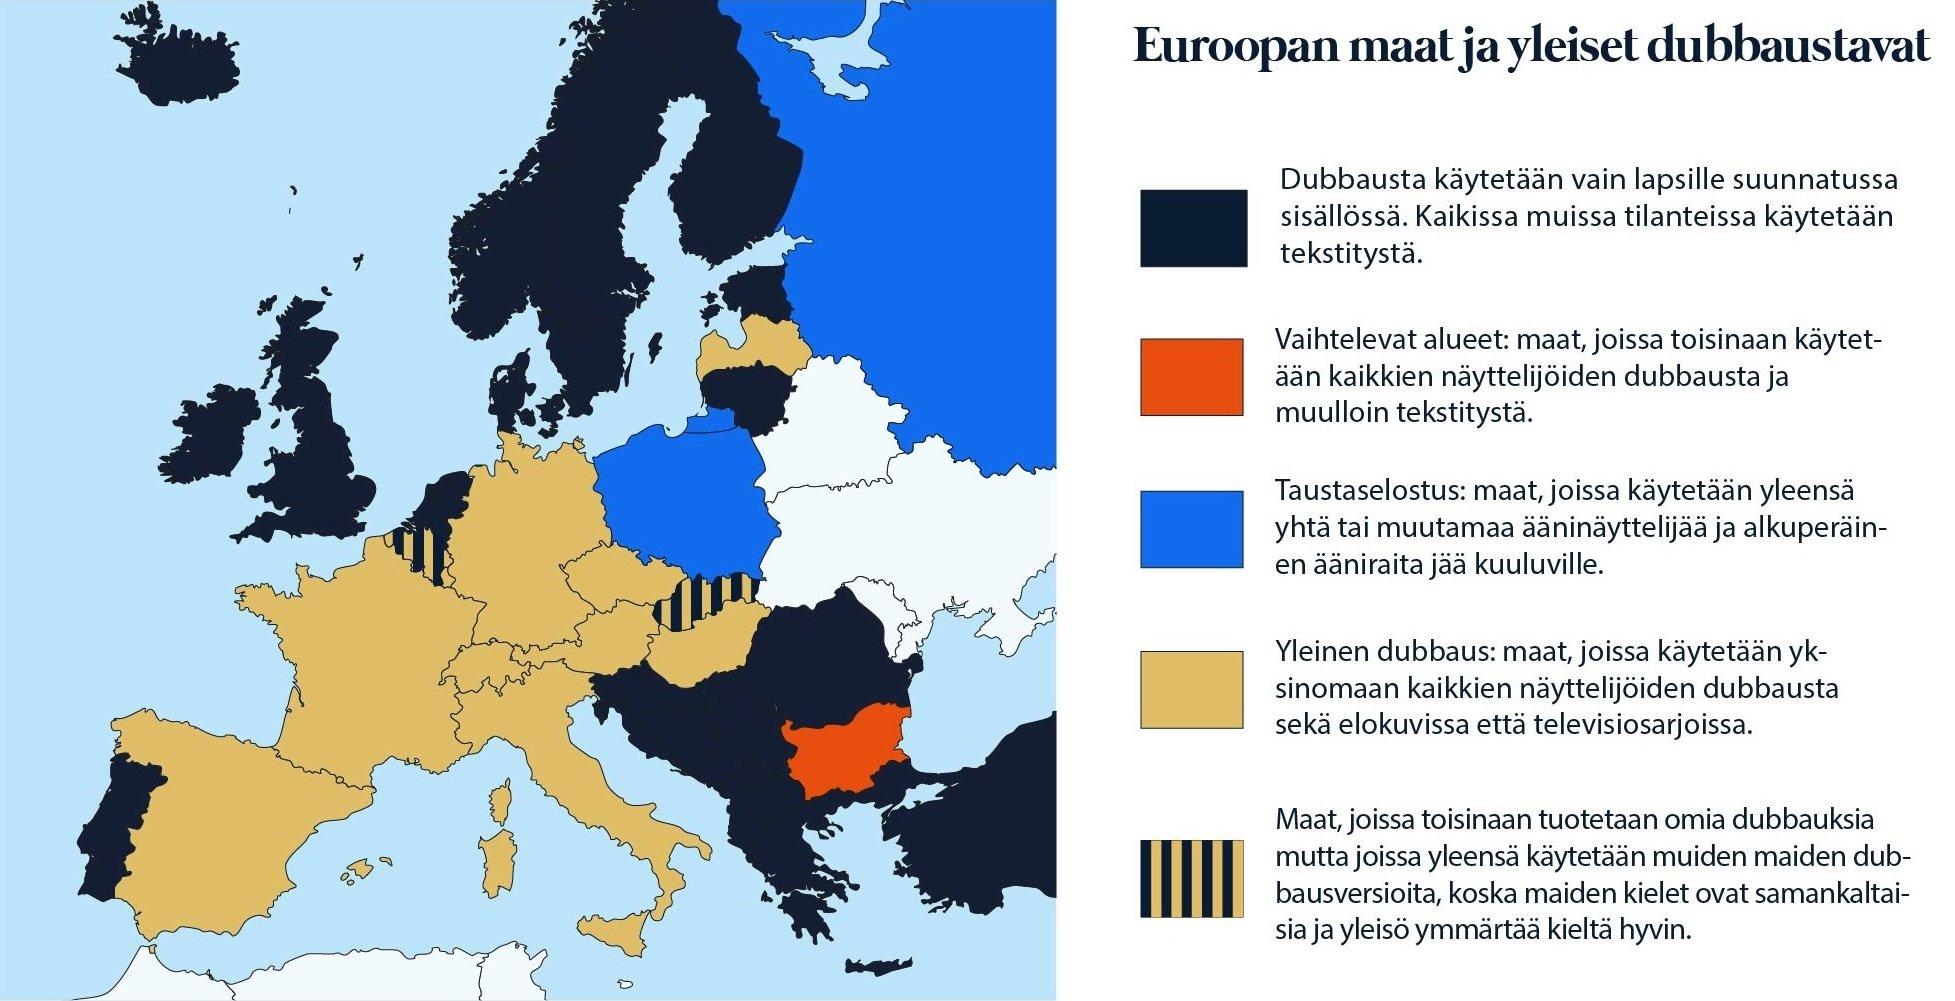 Euroopan-maat-ja-yleiset-dubbaustavat